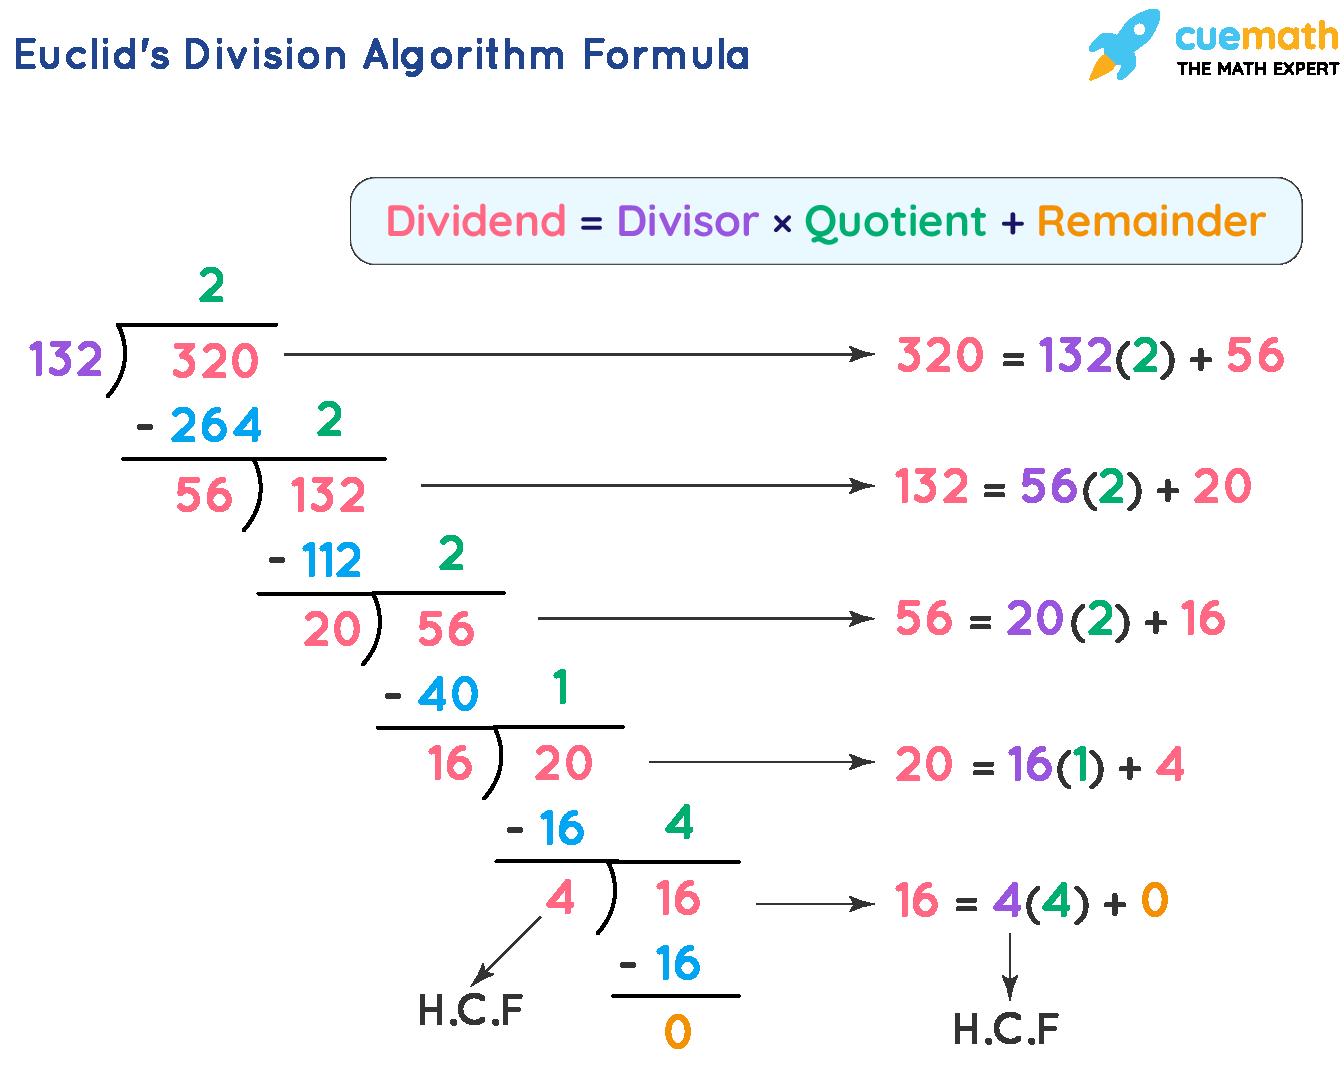 Euclid's Division Algorithm Formula